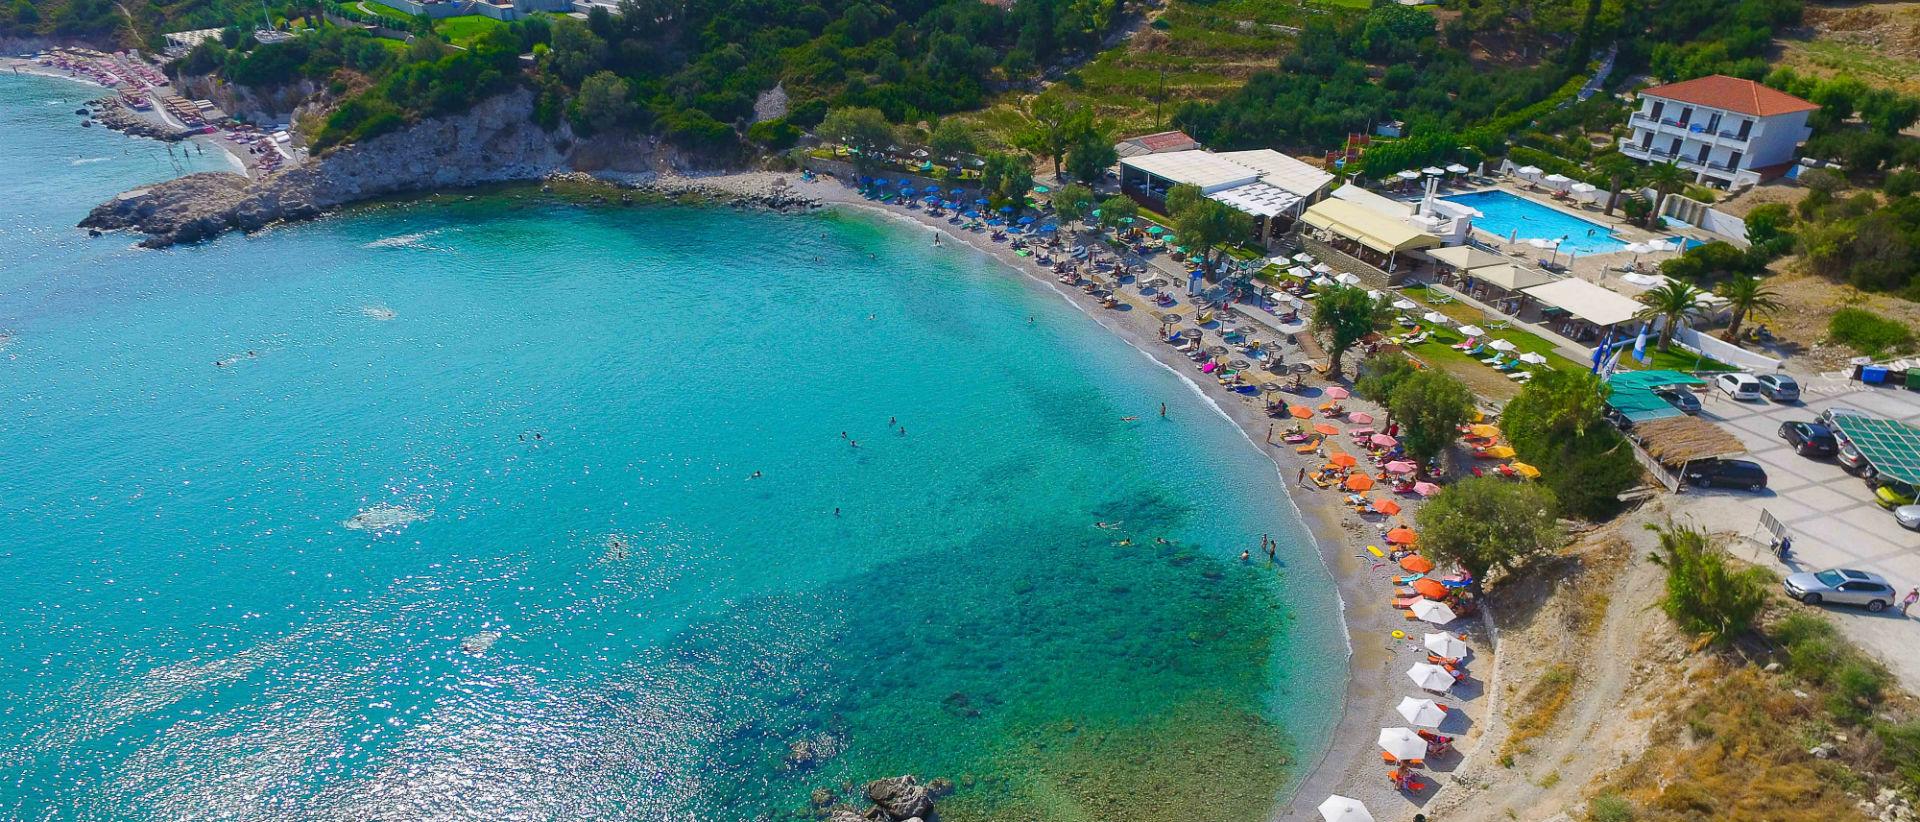 Μία από τις ομορφότερες και διασημότερες παραλίες του νησιού. Βραβευμένη με γαλάζια σημαία.